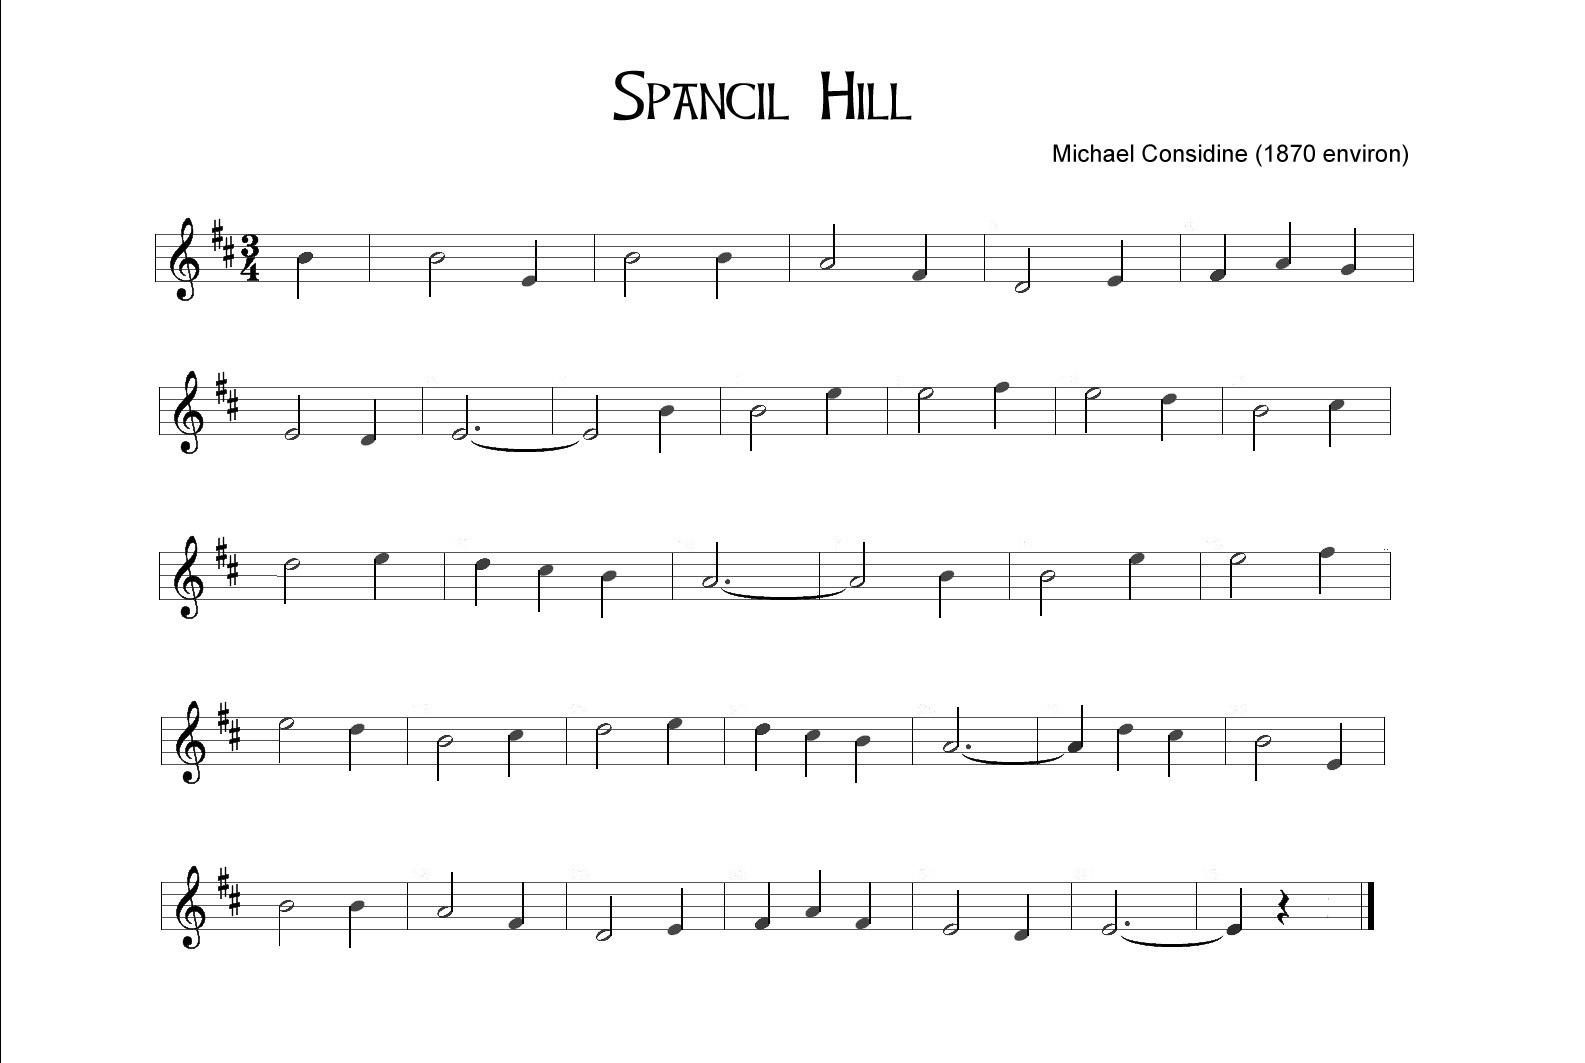 Spancil Hill